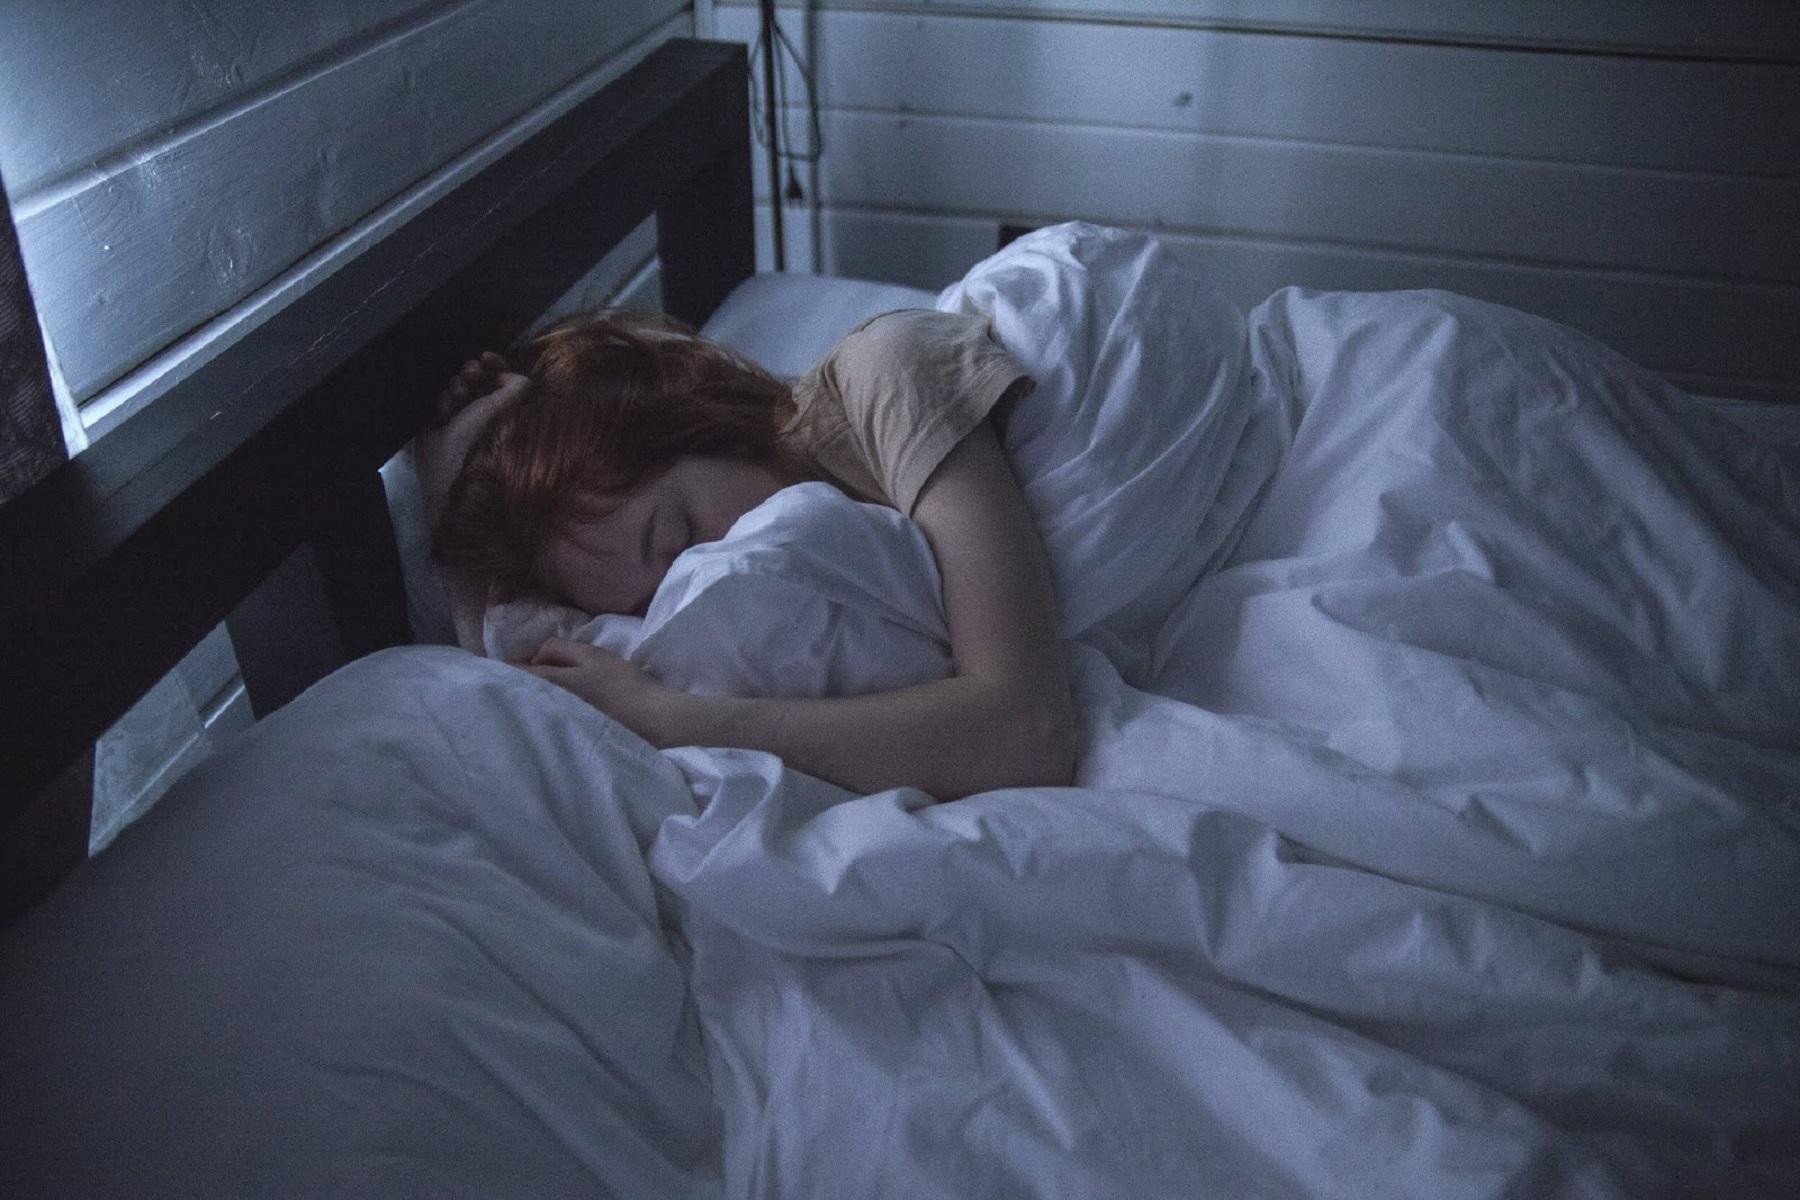 Ύπνος Διαταραχή: Το απαίσιο συναίσθημα που αφήνει ένας εφιάλτης – Αιτίες